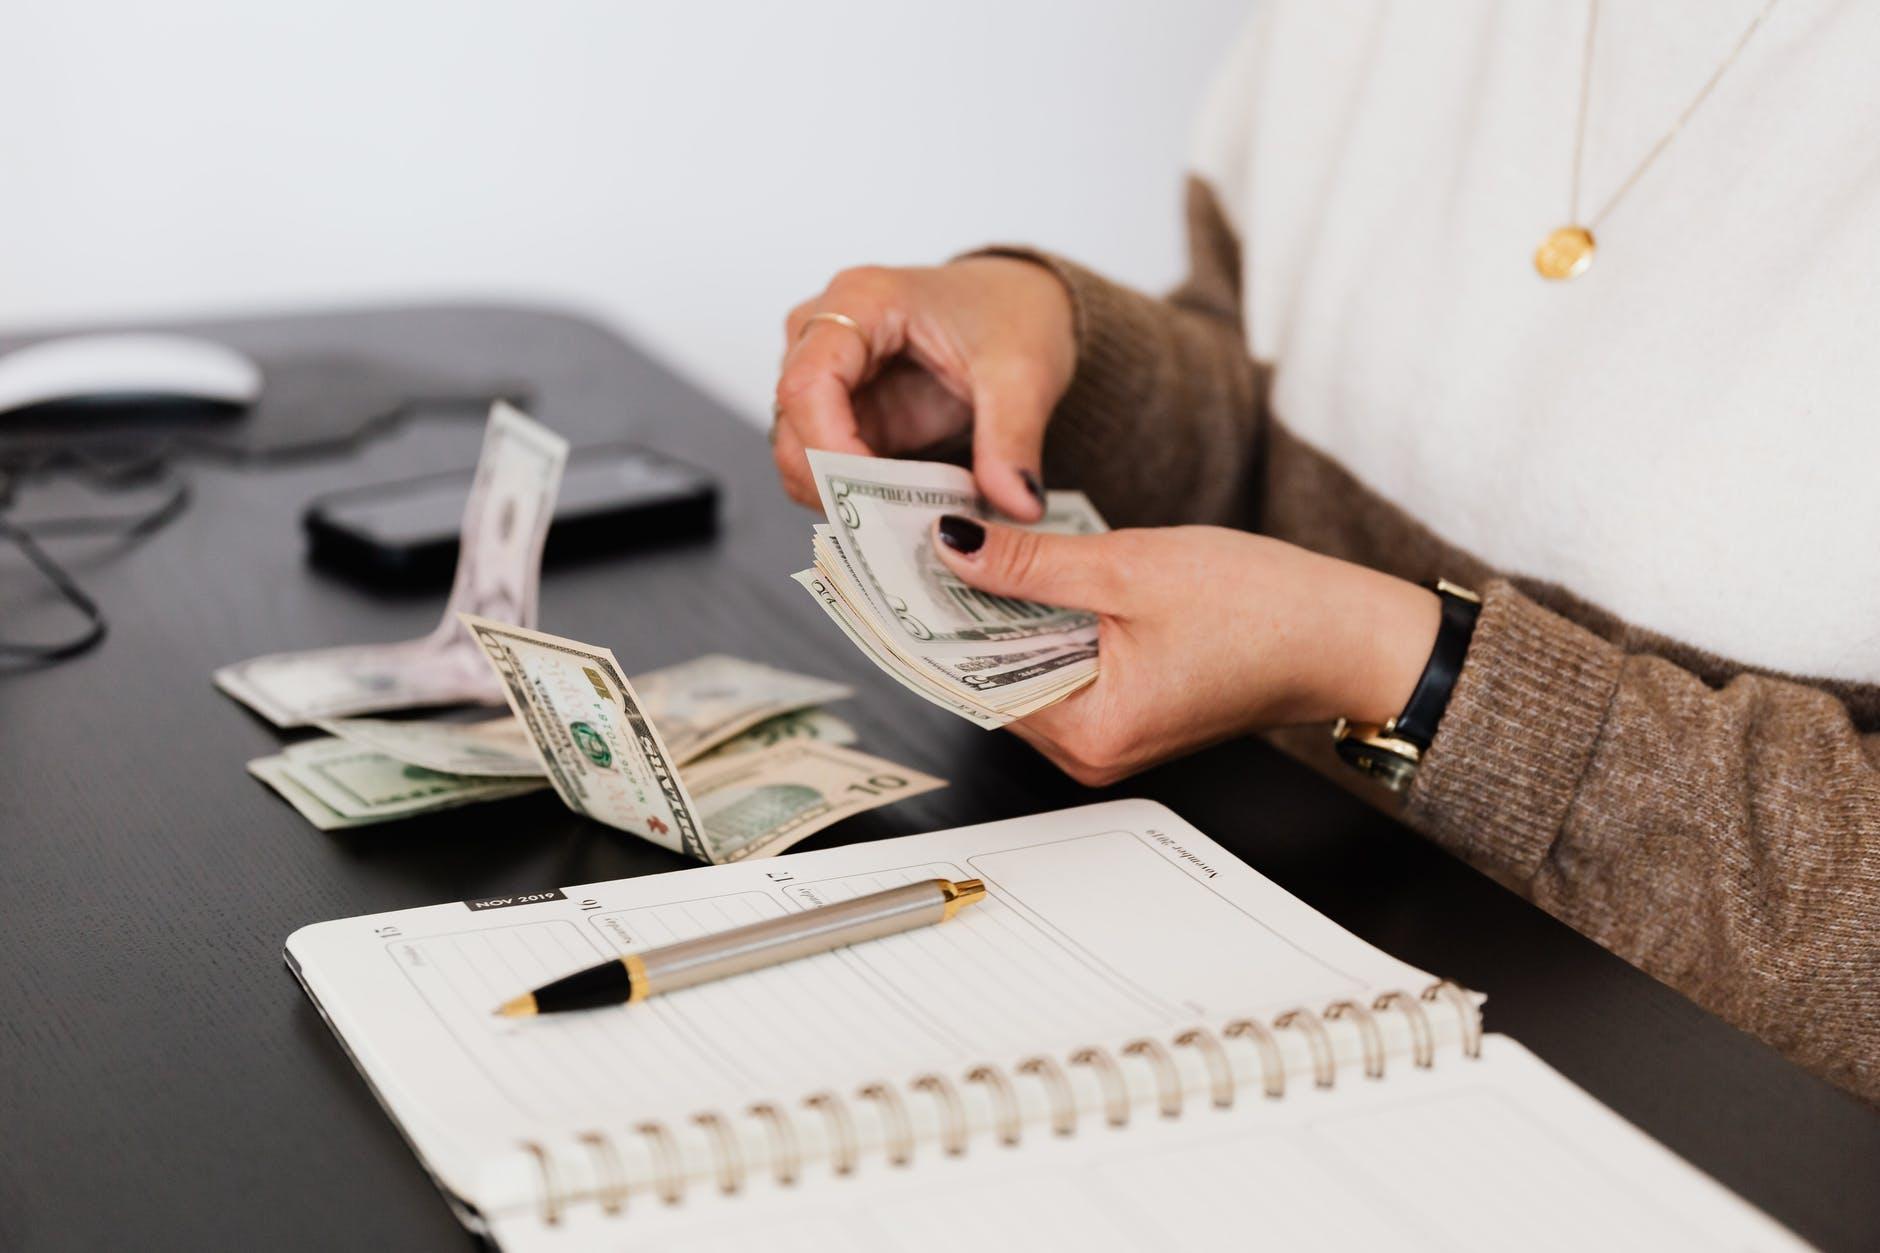 como hacer un negocio rentable